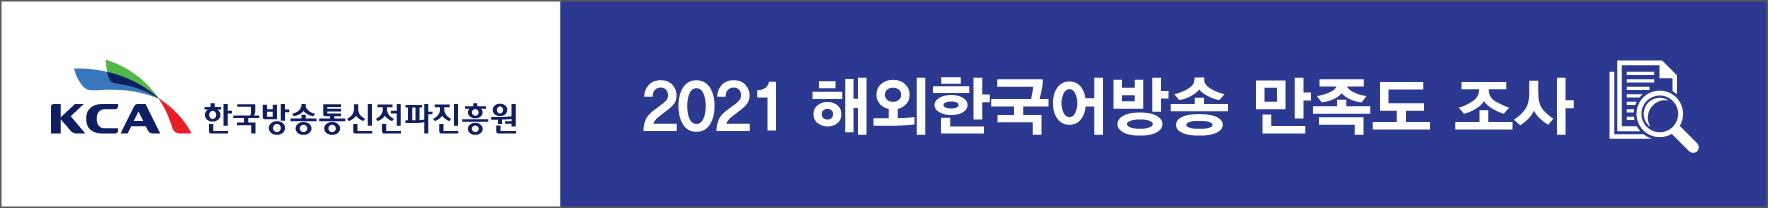 해외한국어방송 만족도 설문조사